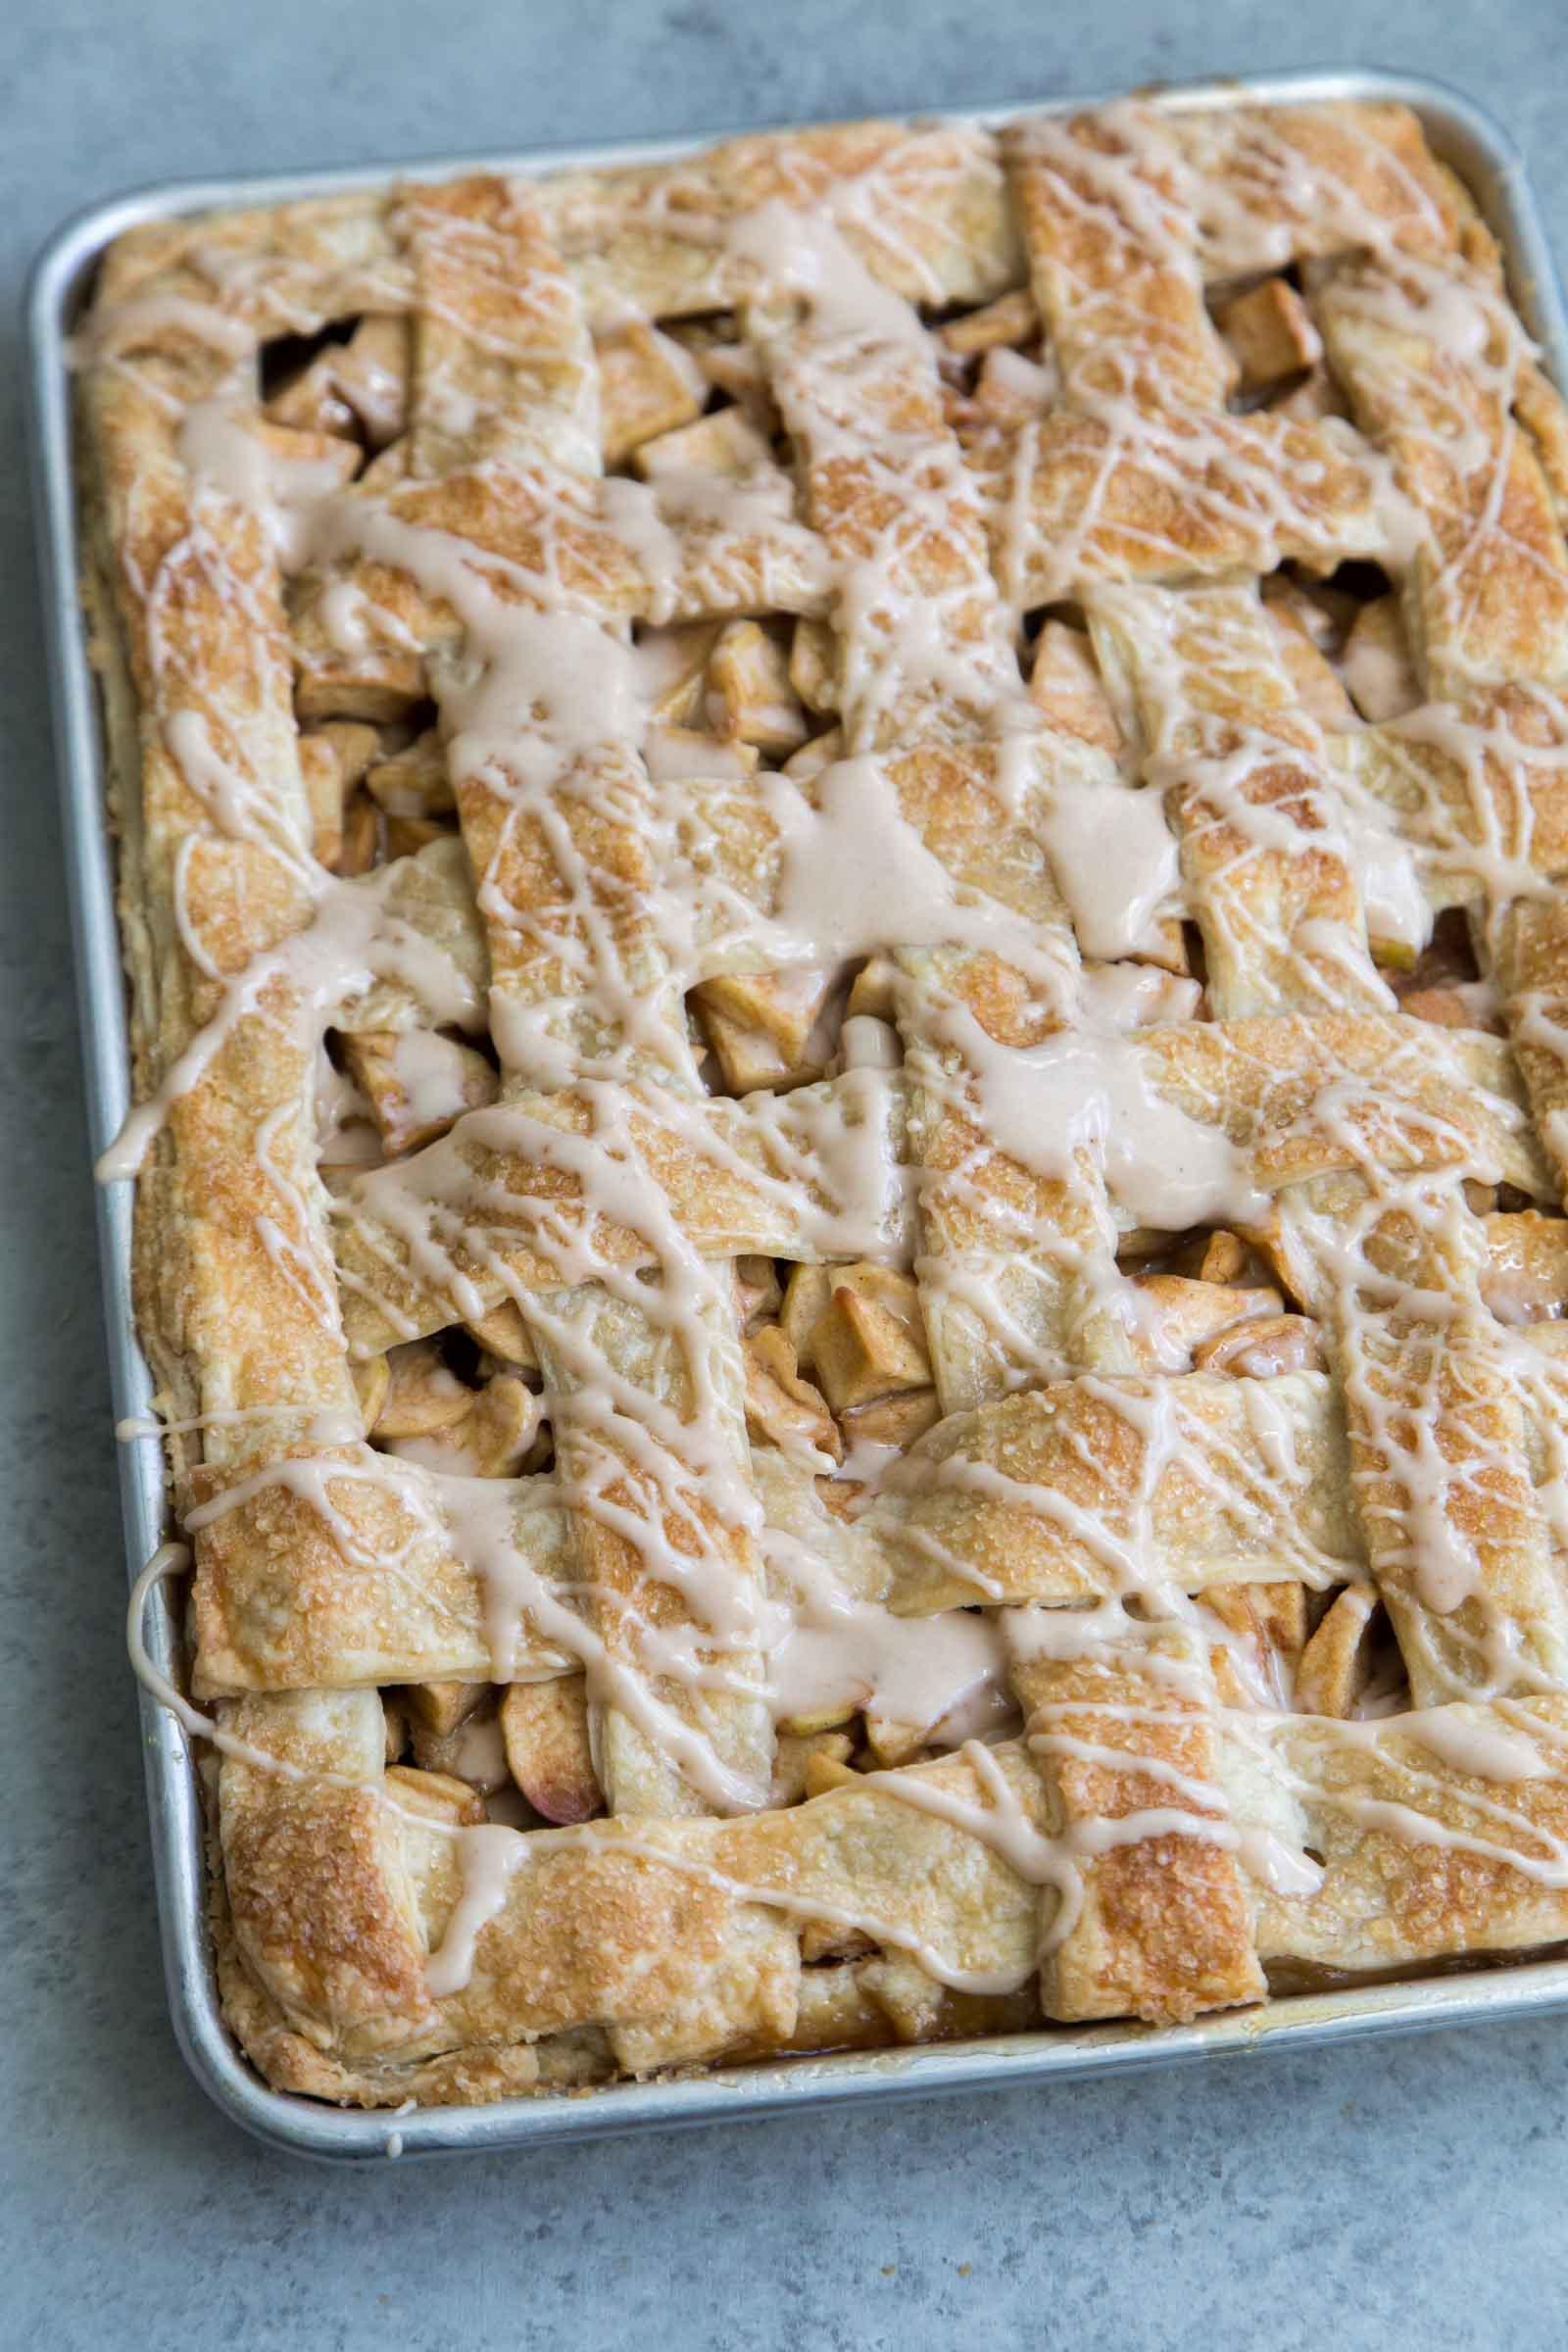 Apple Slab Pie with Maple Glaze